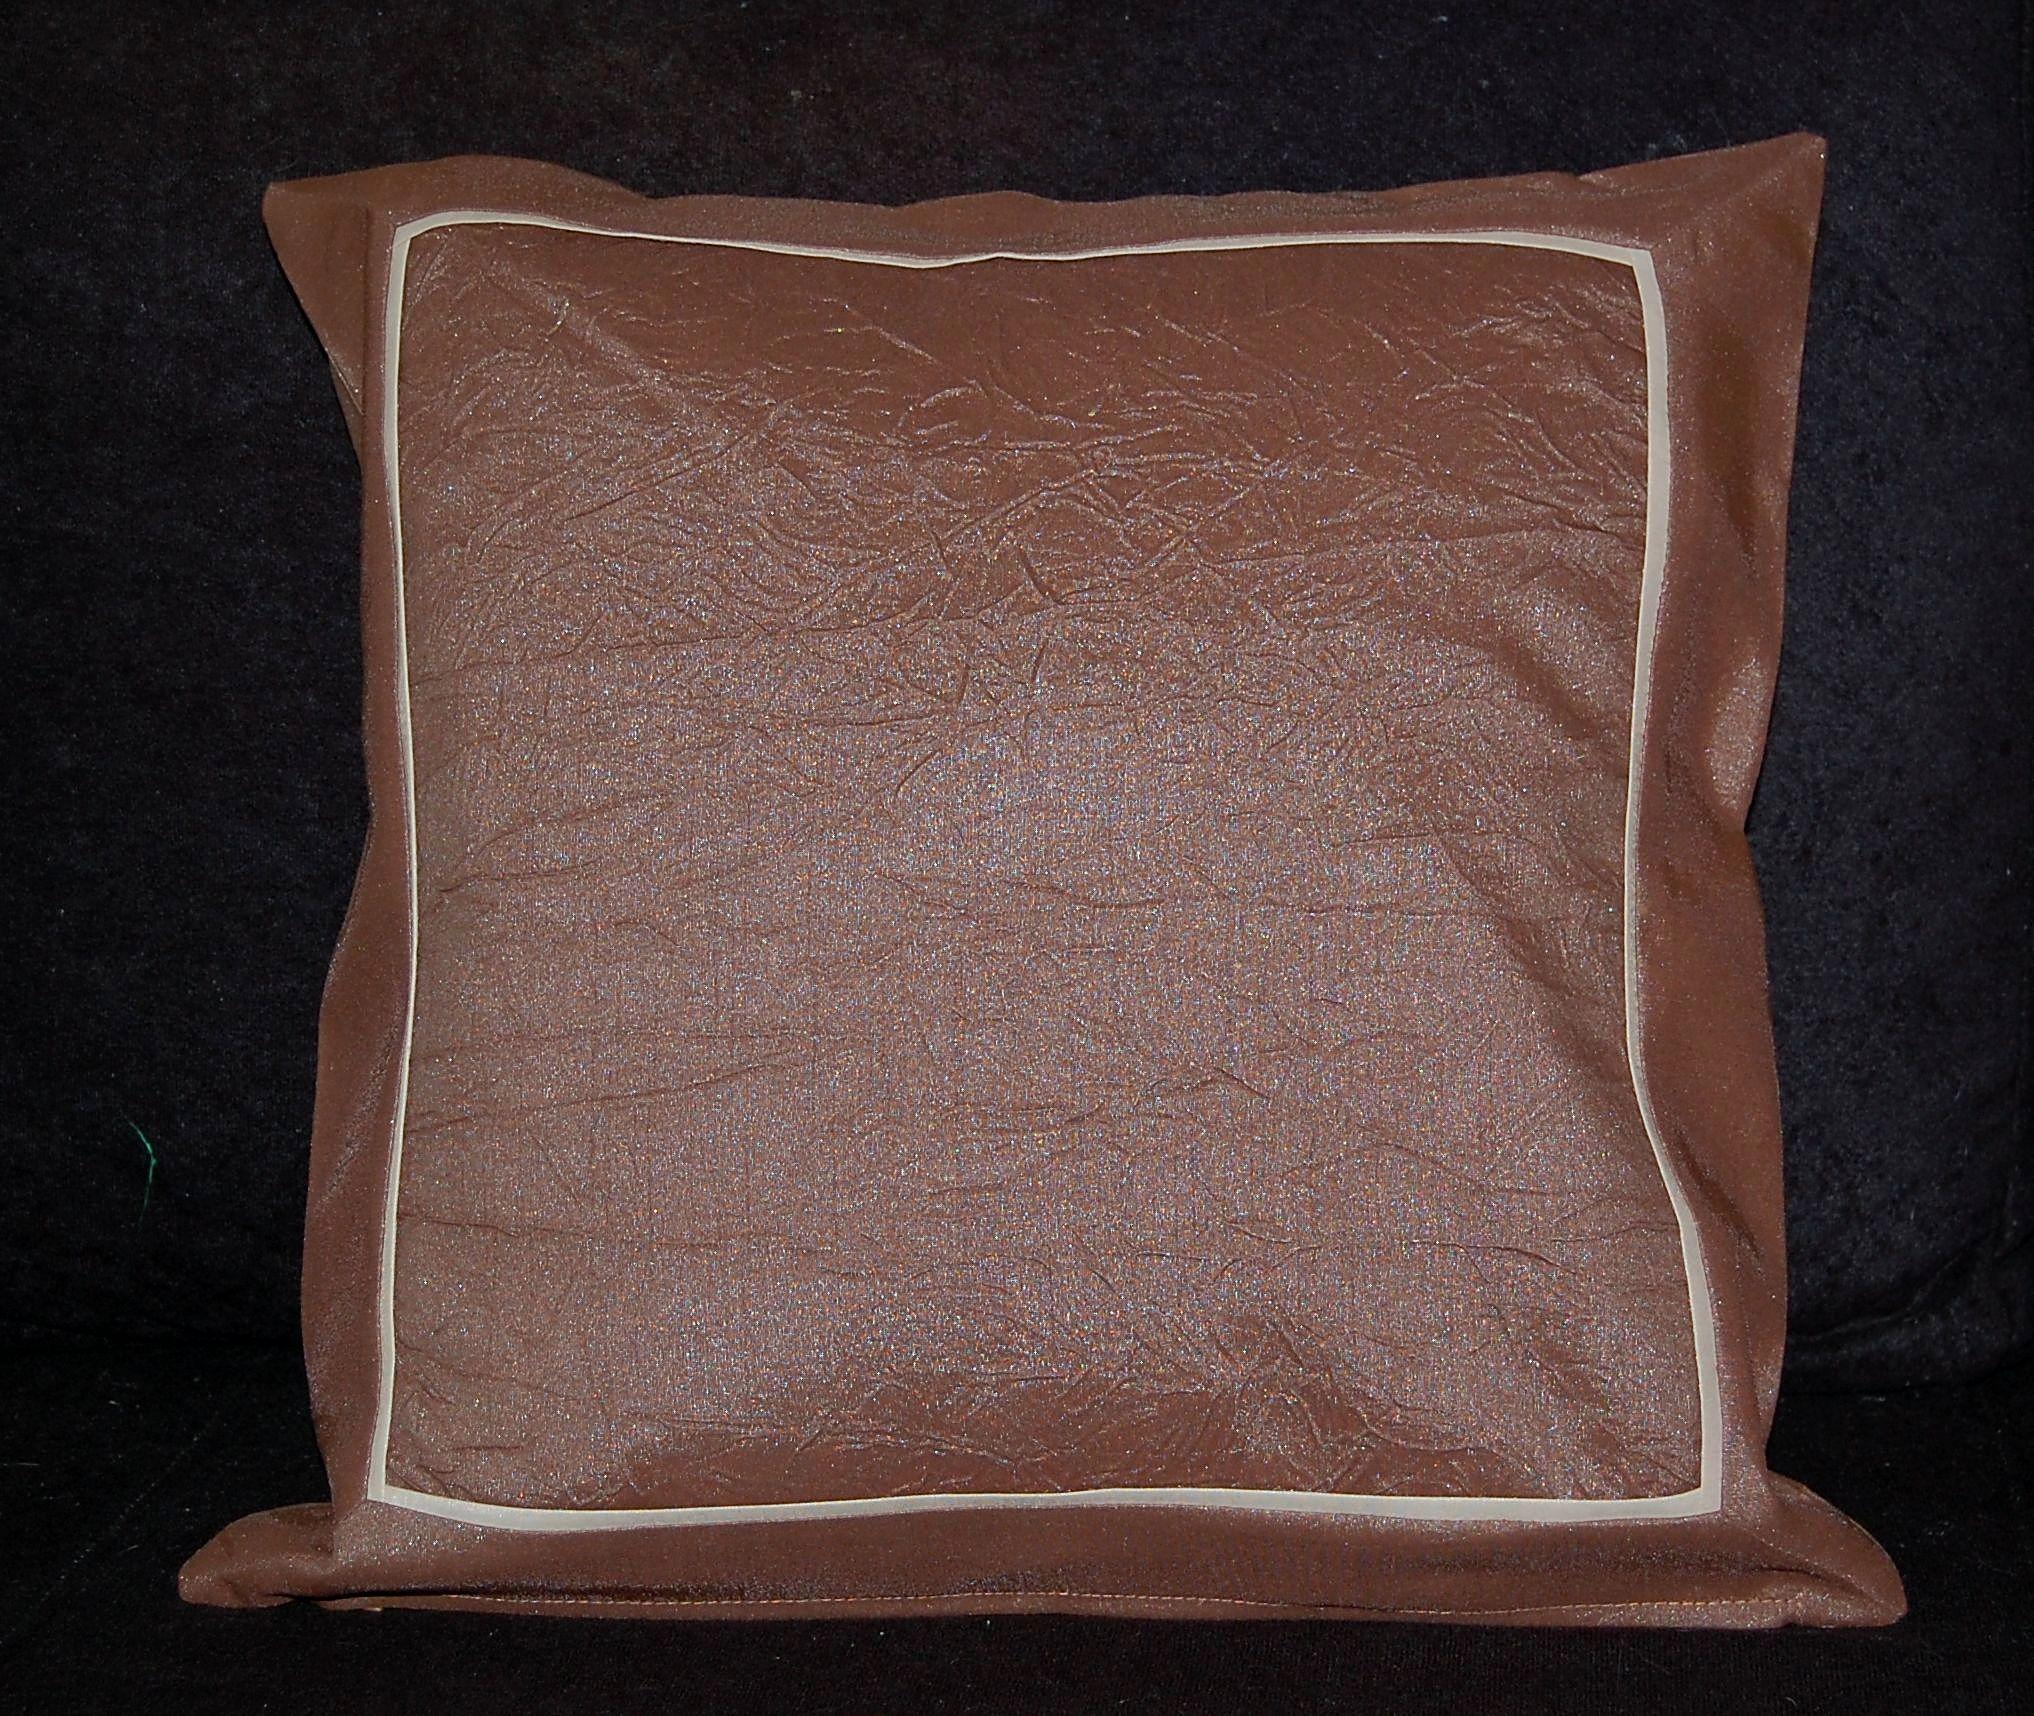 tischdecke braun zierband beige mitteldecke tischl ufer kissenh lle tischtuch schkeuditz sachsen. Black Bedroom Furniture Sets. Home Design Ideas